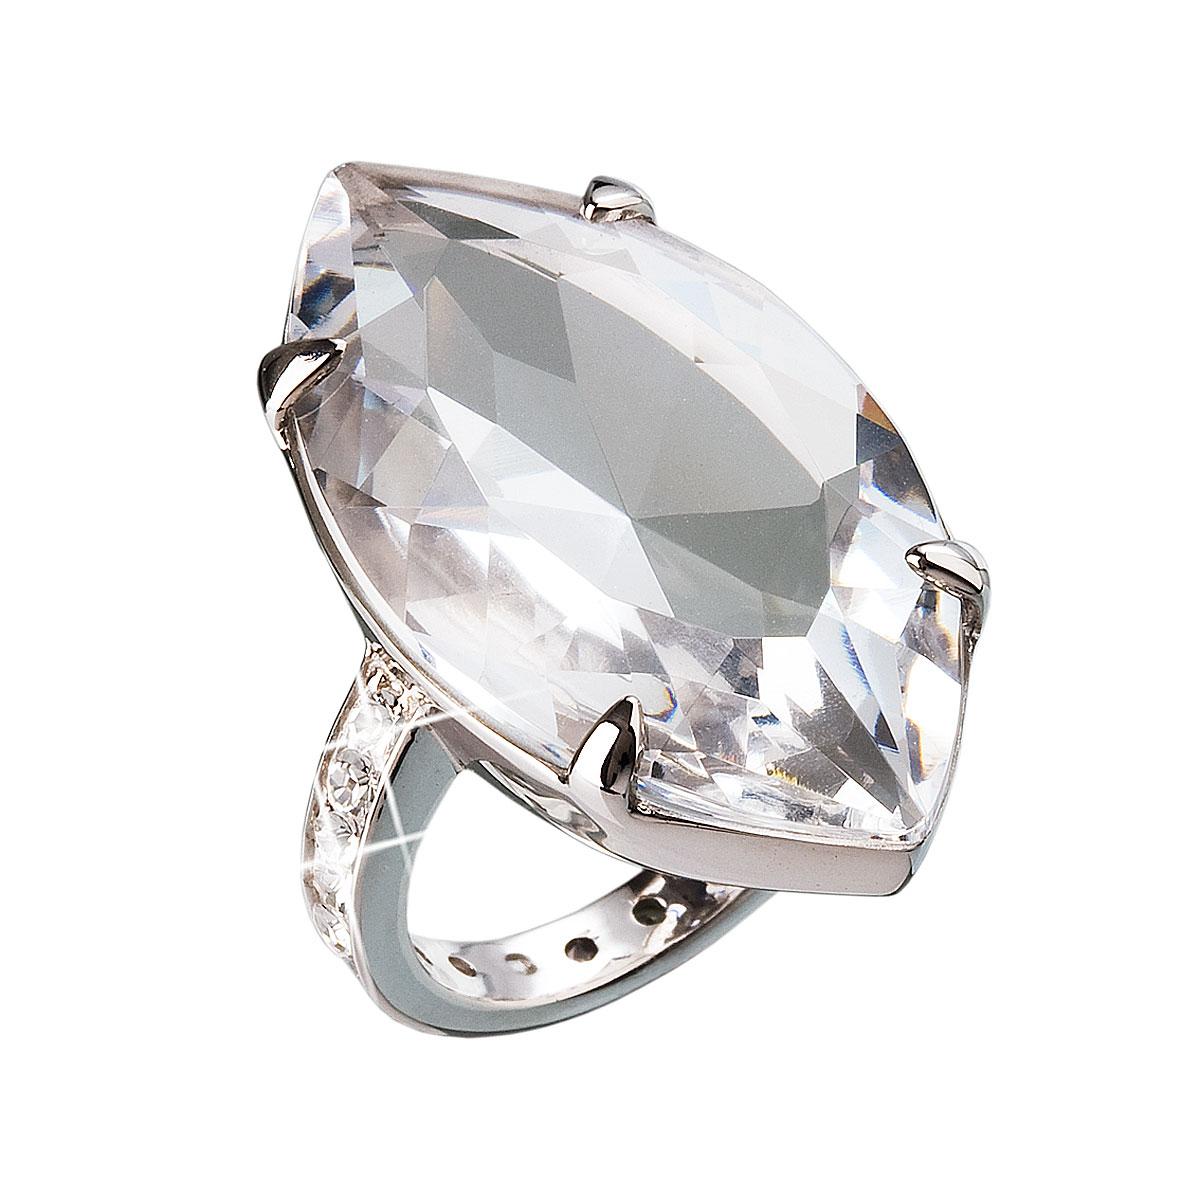 Strieborný prsteň s krištálmi biely 35807.1